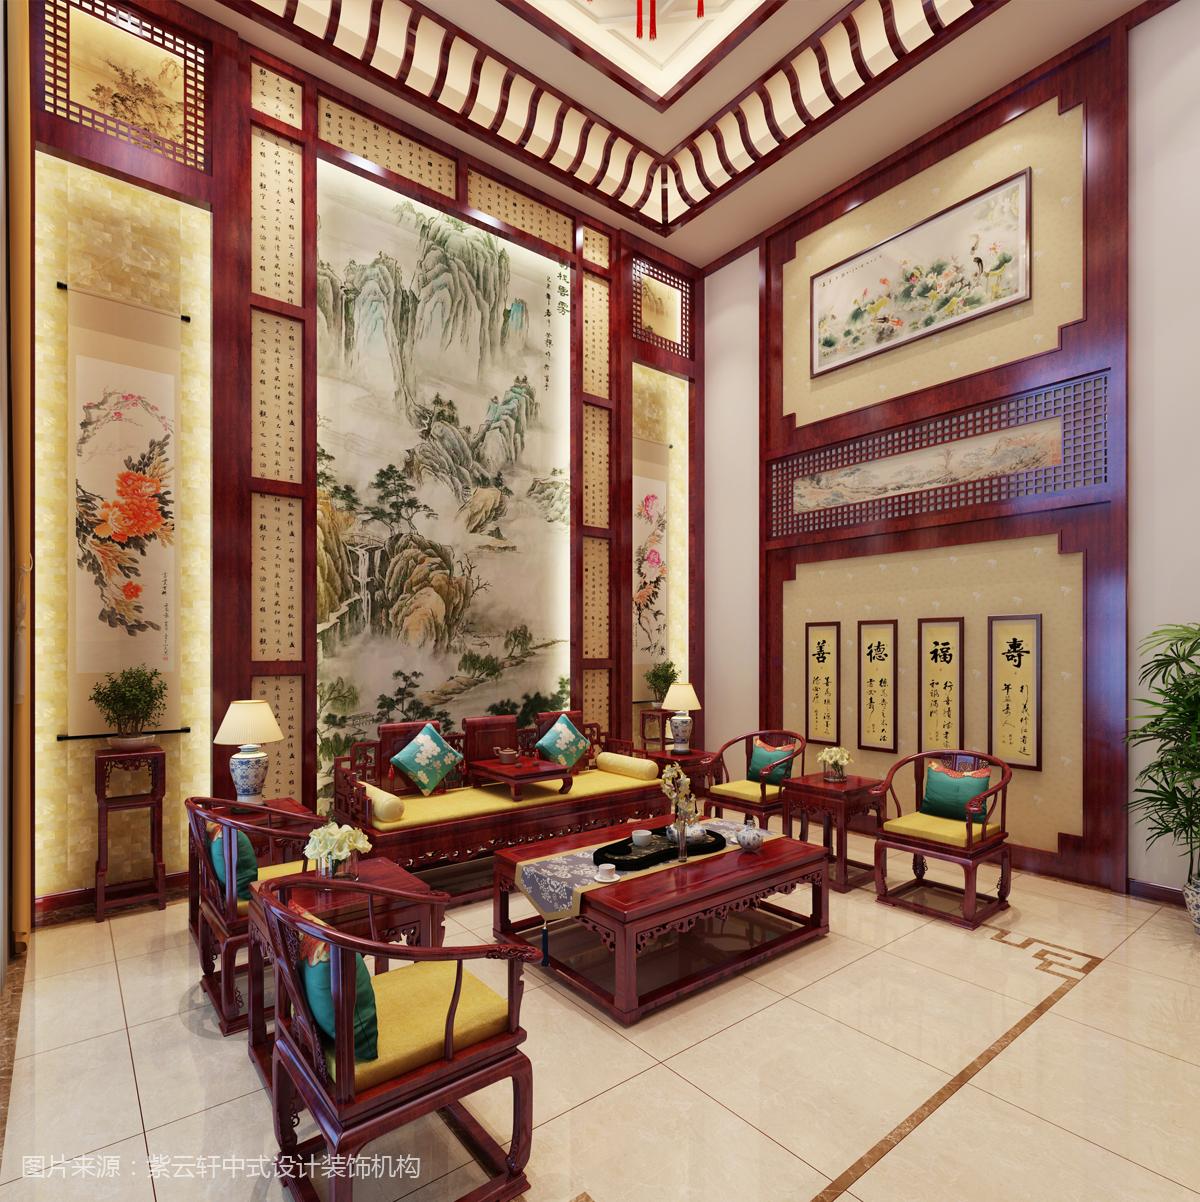 中式装修 别墅餐厅效果图